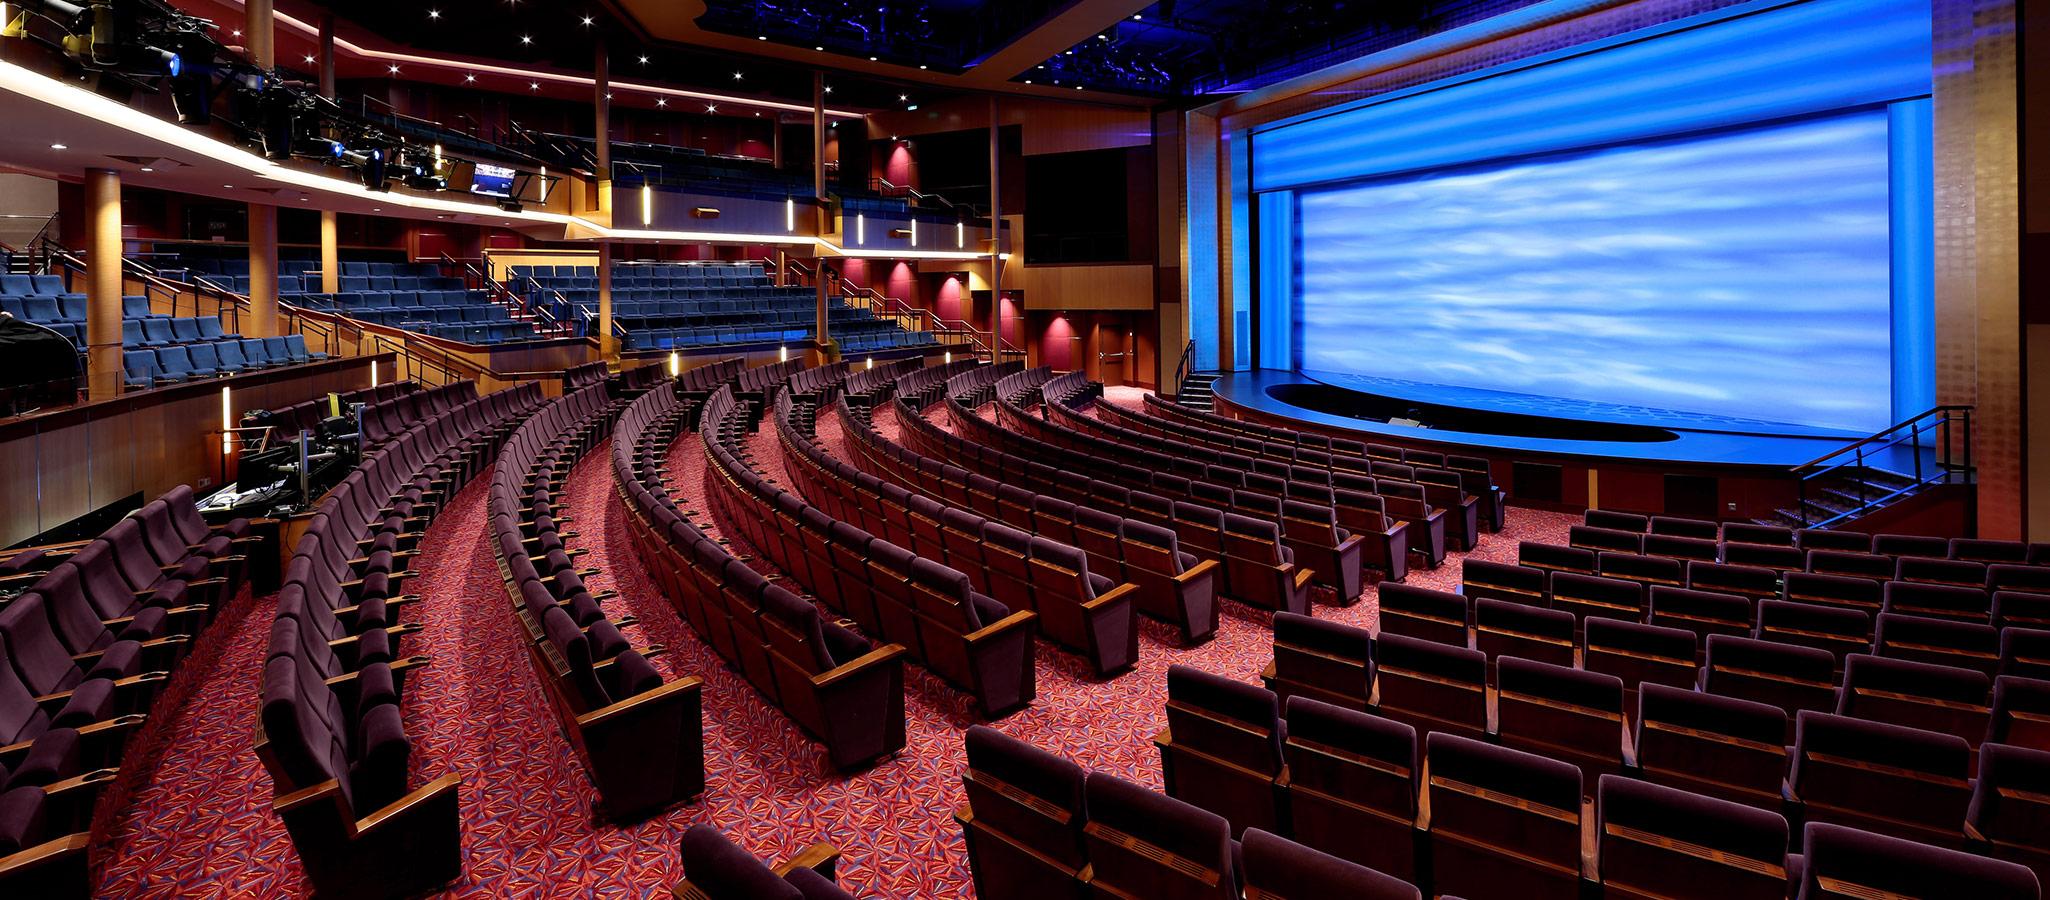 Ihre Tagung oder Konferenz setzen wir für Sie auf einem Schiff in Szene. Die High-Tech-Ausstattung für audio-visuelles Vergnügen ist dabei im Charterpreis enthalten.